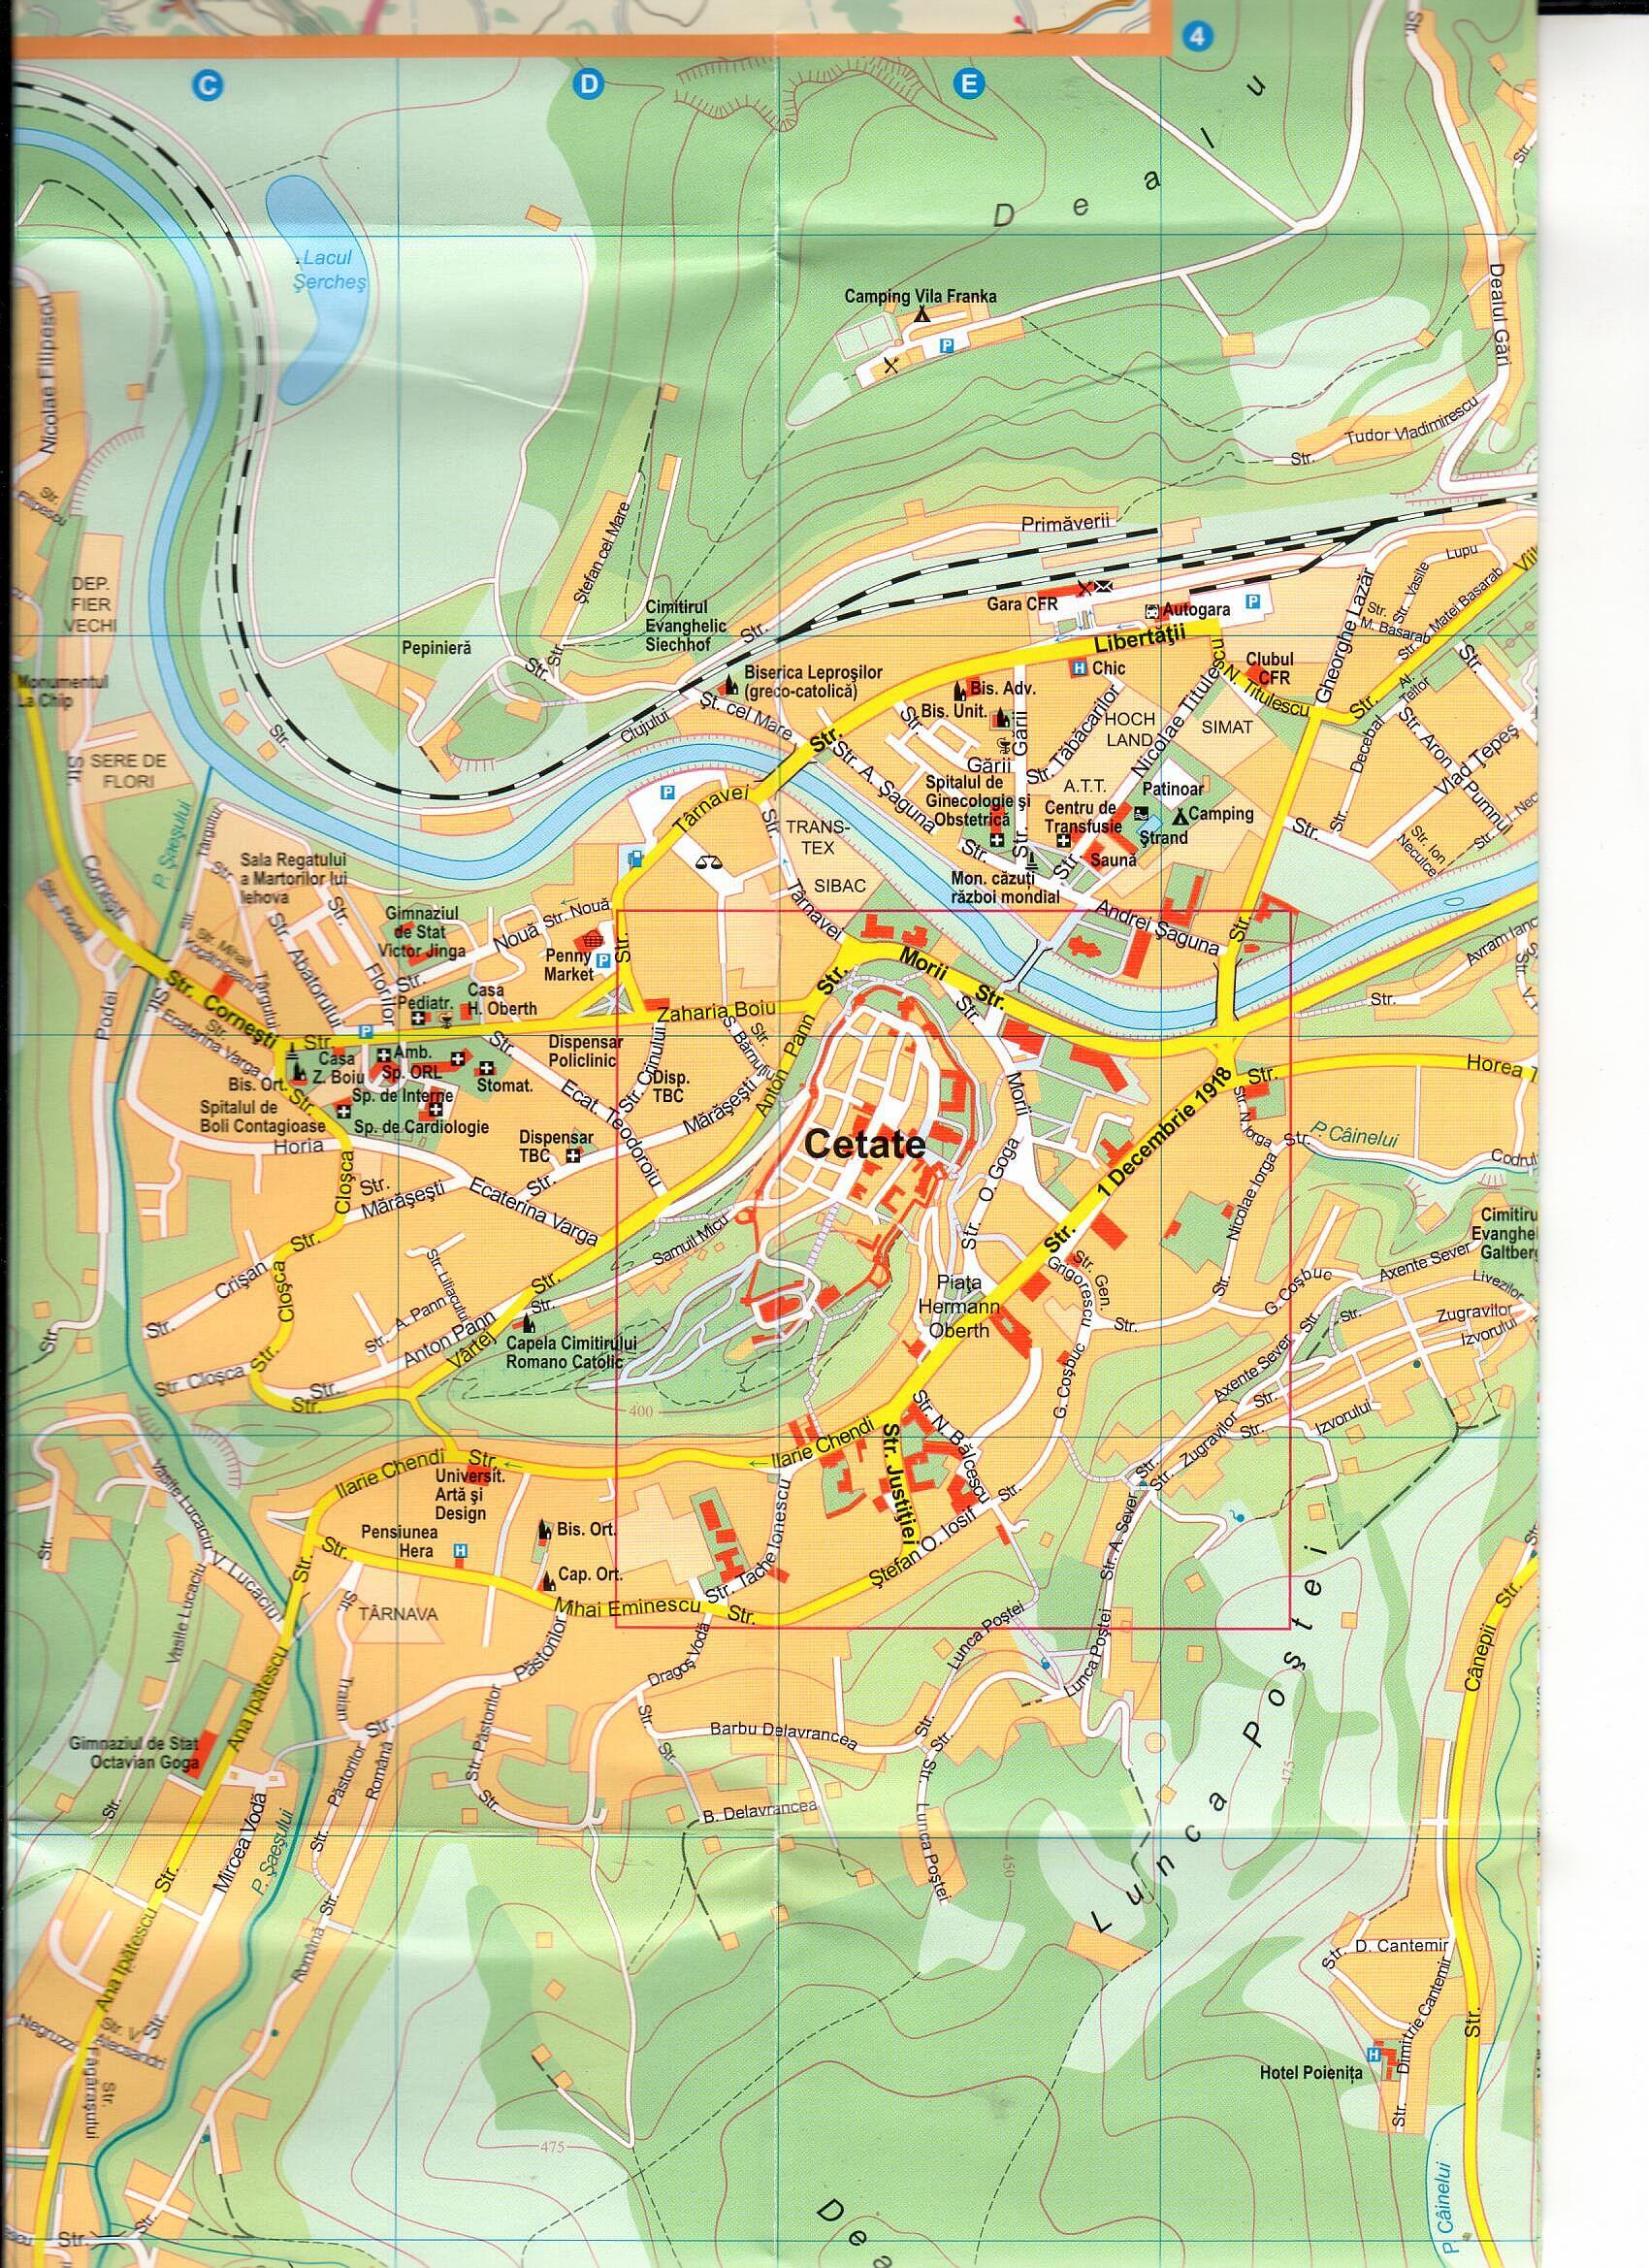 Sighisoara 1.10.000 sample map